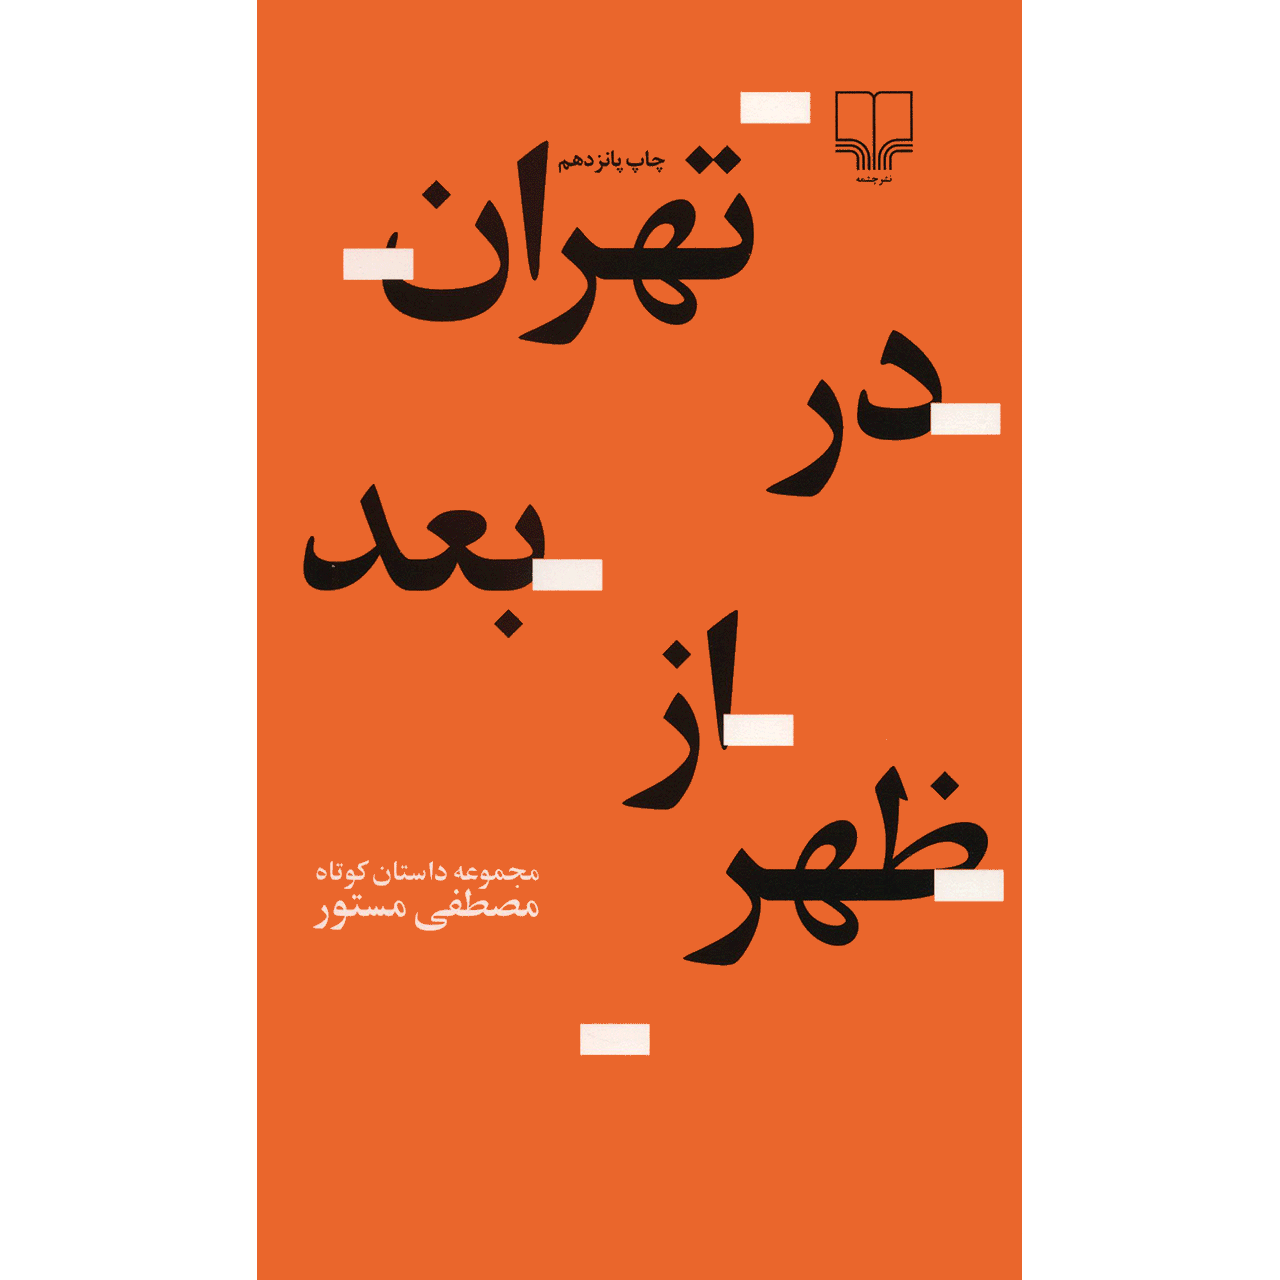 کتاب تهران در بعد از ظهر اثر مصطفی مستور